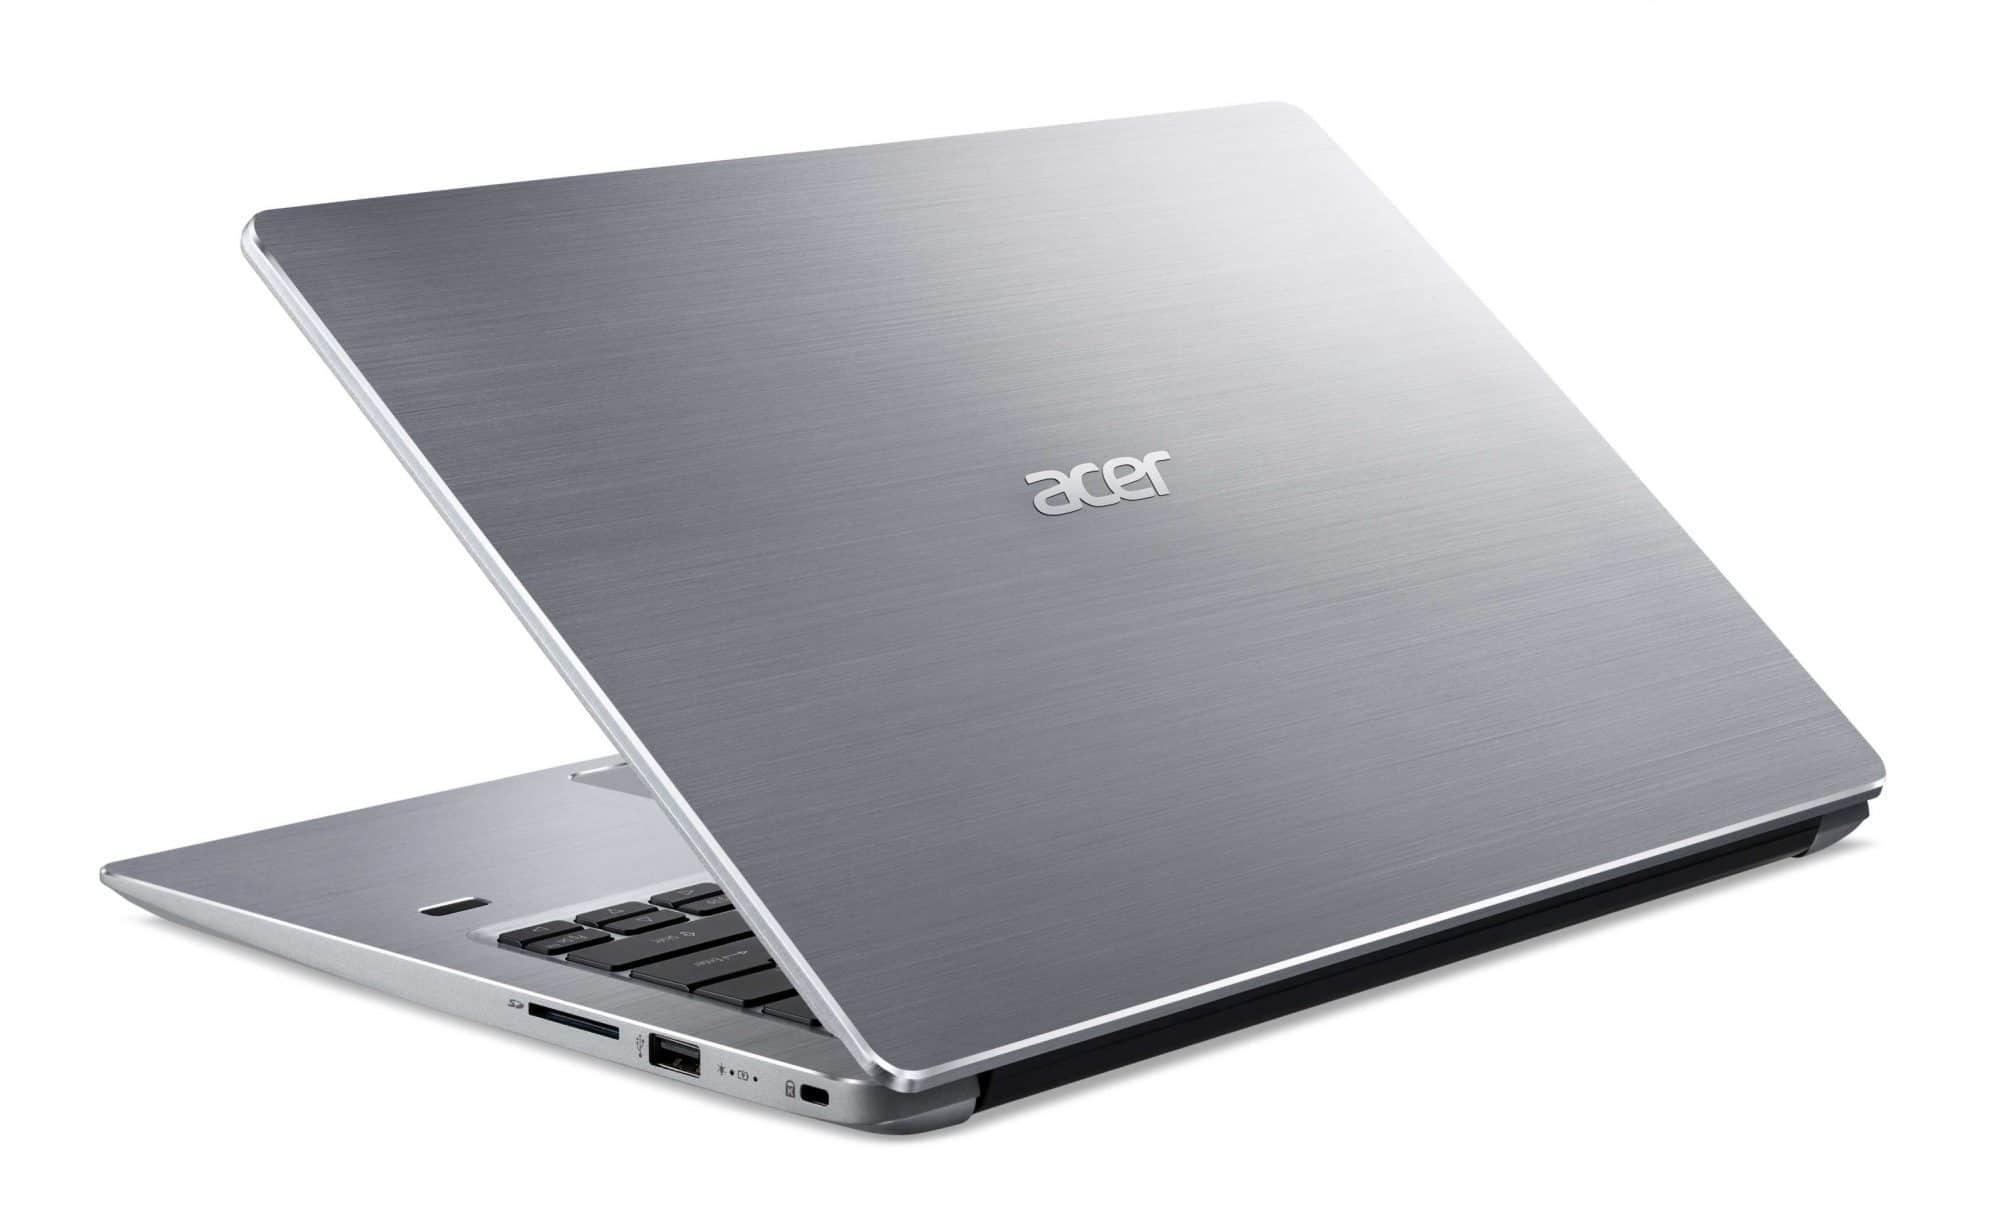 เปิดตัว Acer Nitro 5 และ Acer Swift 3 ในงาน Computex 2019 - เปิดตัว Acer Nitro 5 และ Acer Swift 3 ในงาน Computex 2019